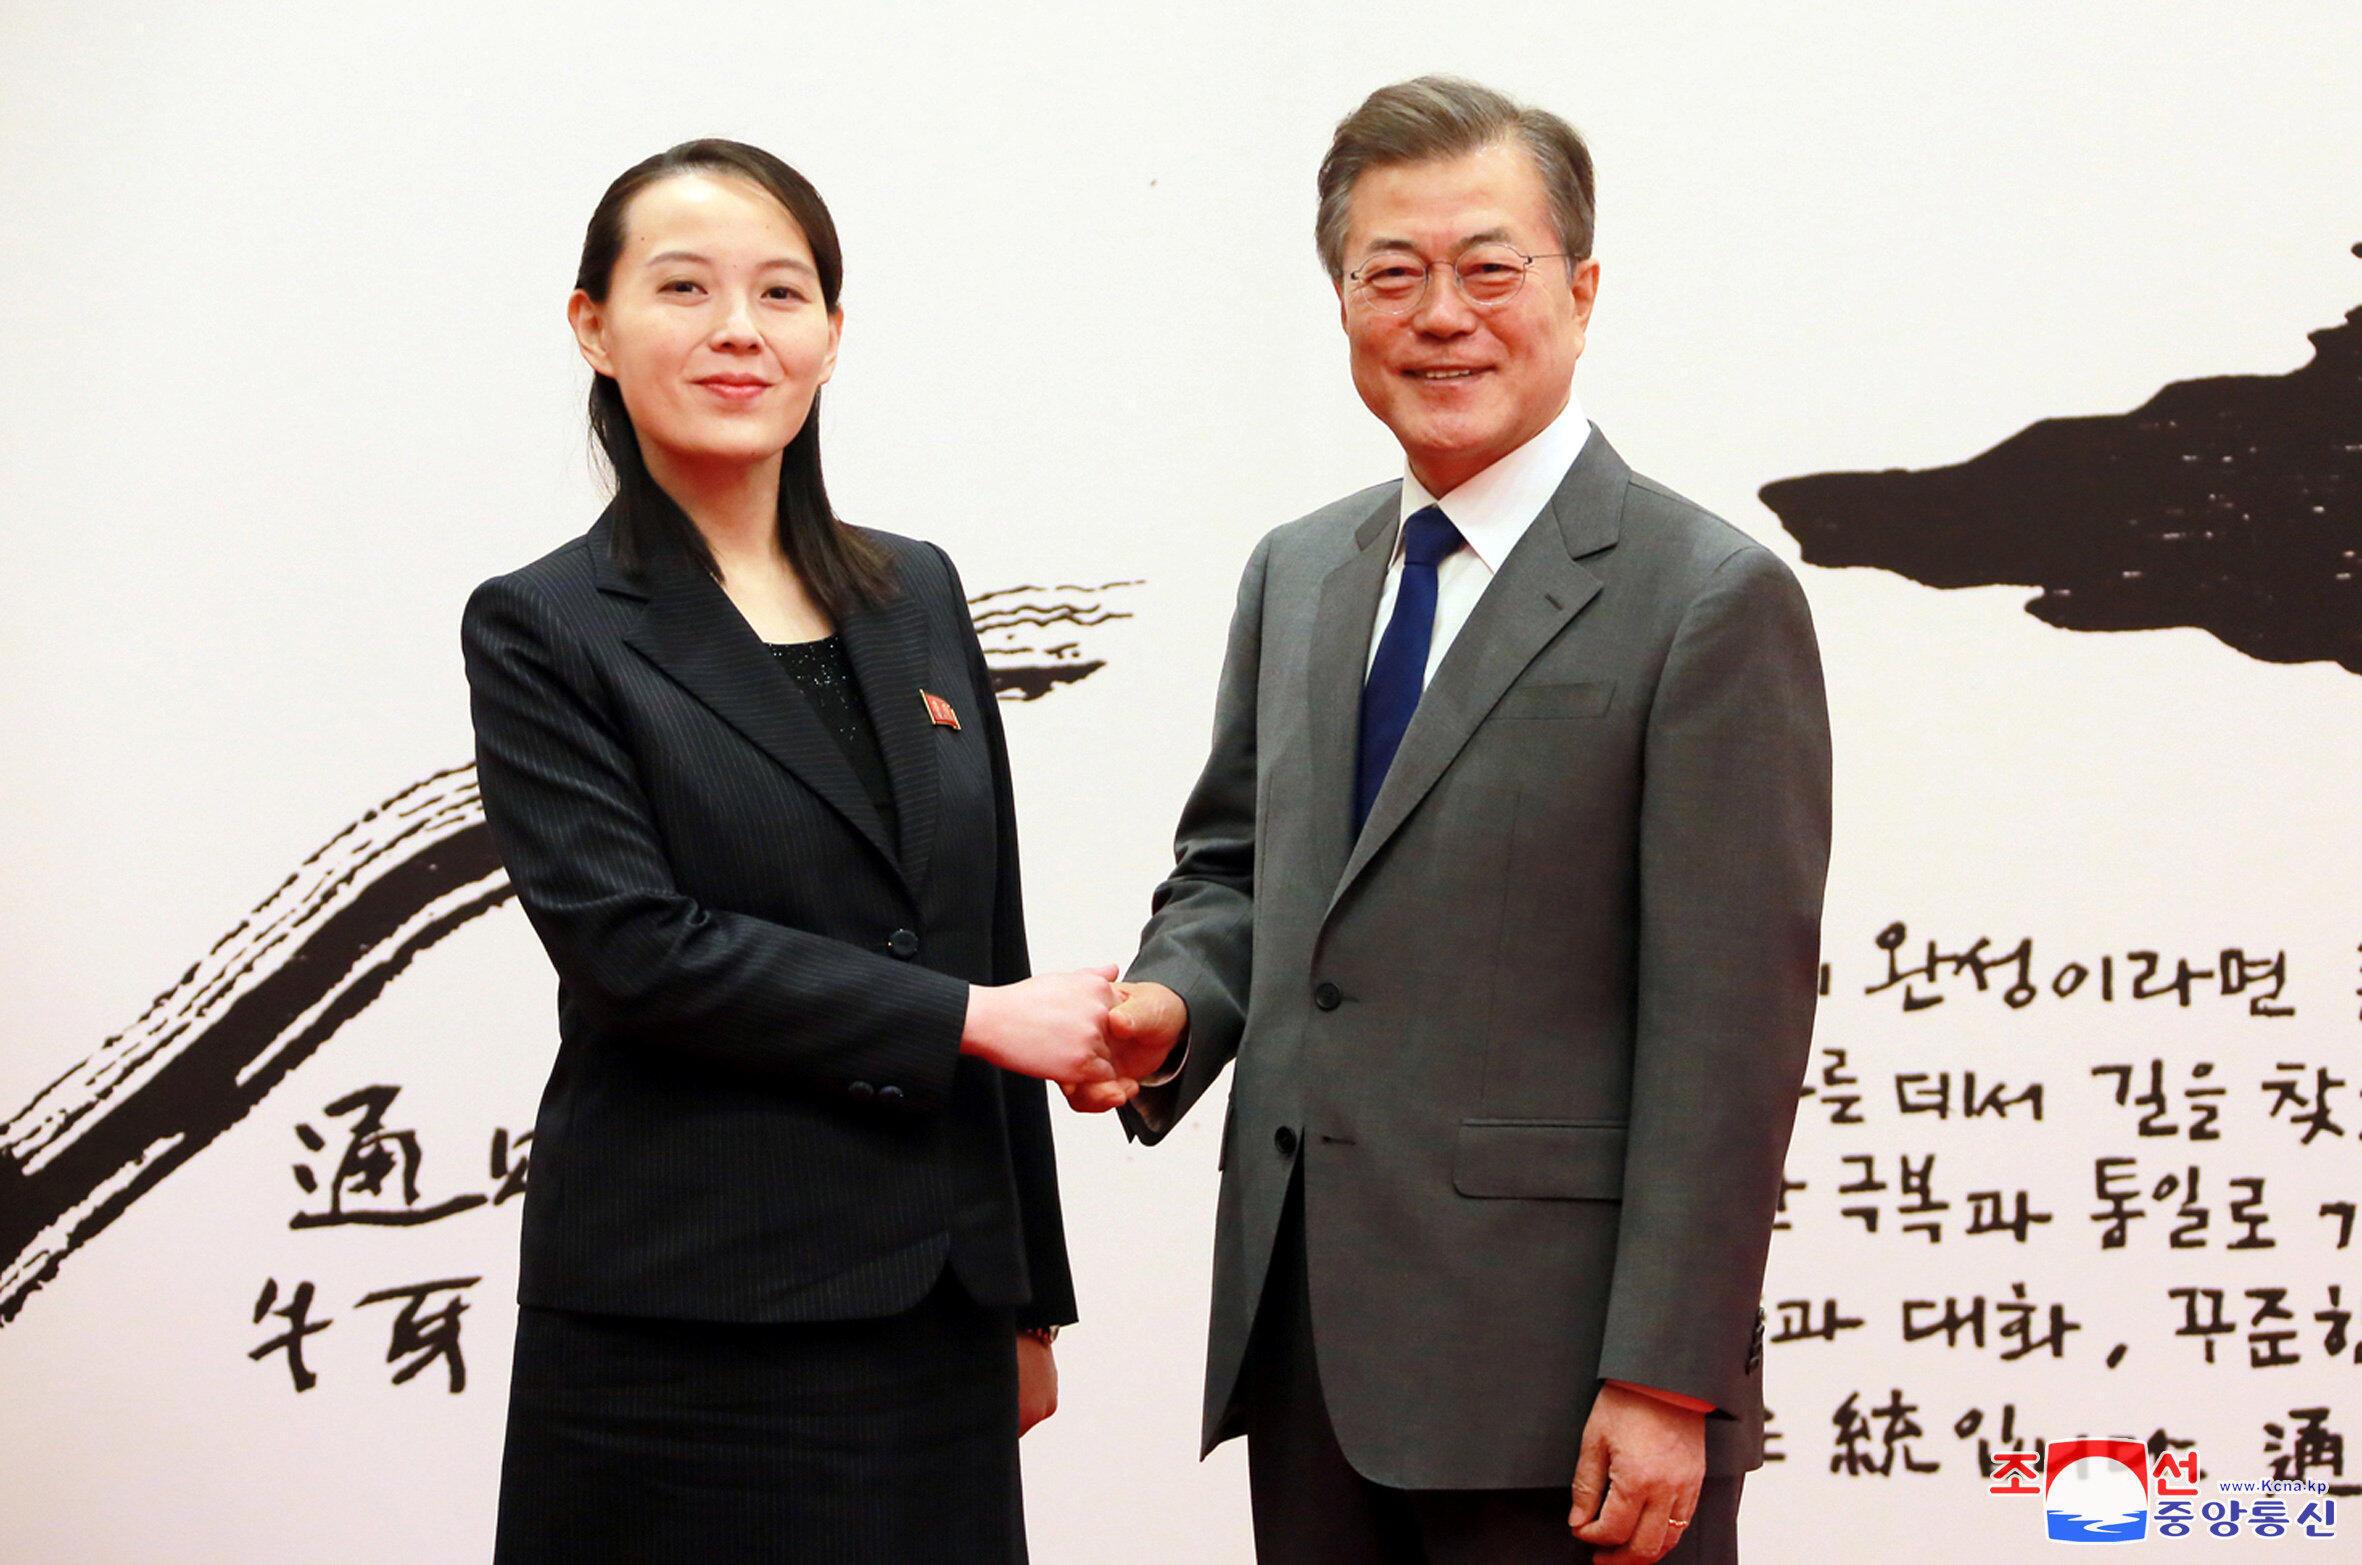 Le président sud-coréen Moon Jae-in salue Kim Yo-jong, soeur du leader nord-coréen Kim Jong-un. Photo non datée distribuée par l'agence KCNA le 10 février.